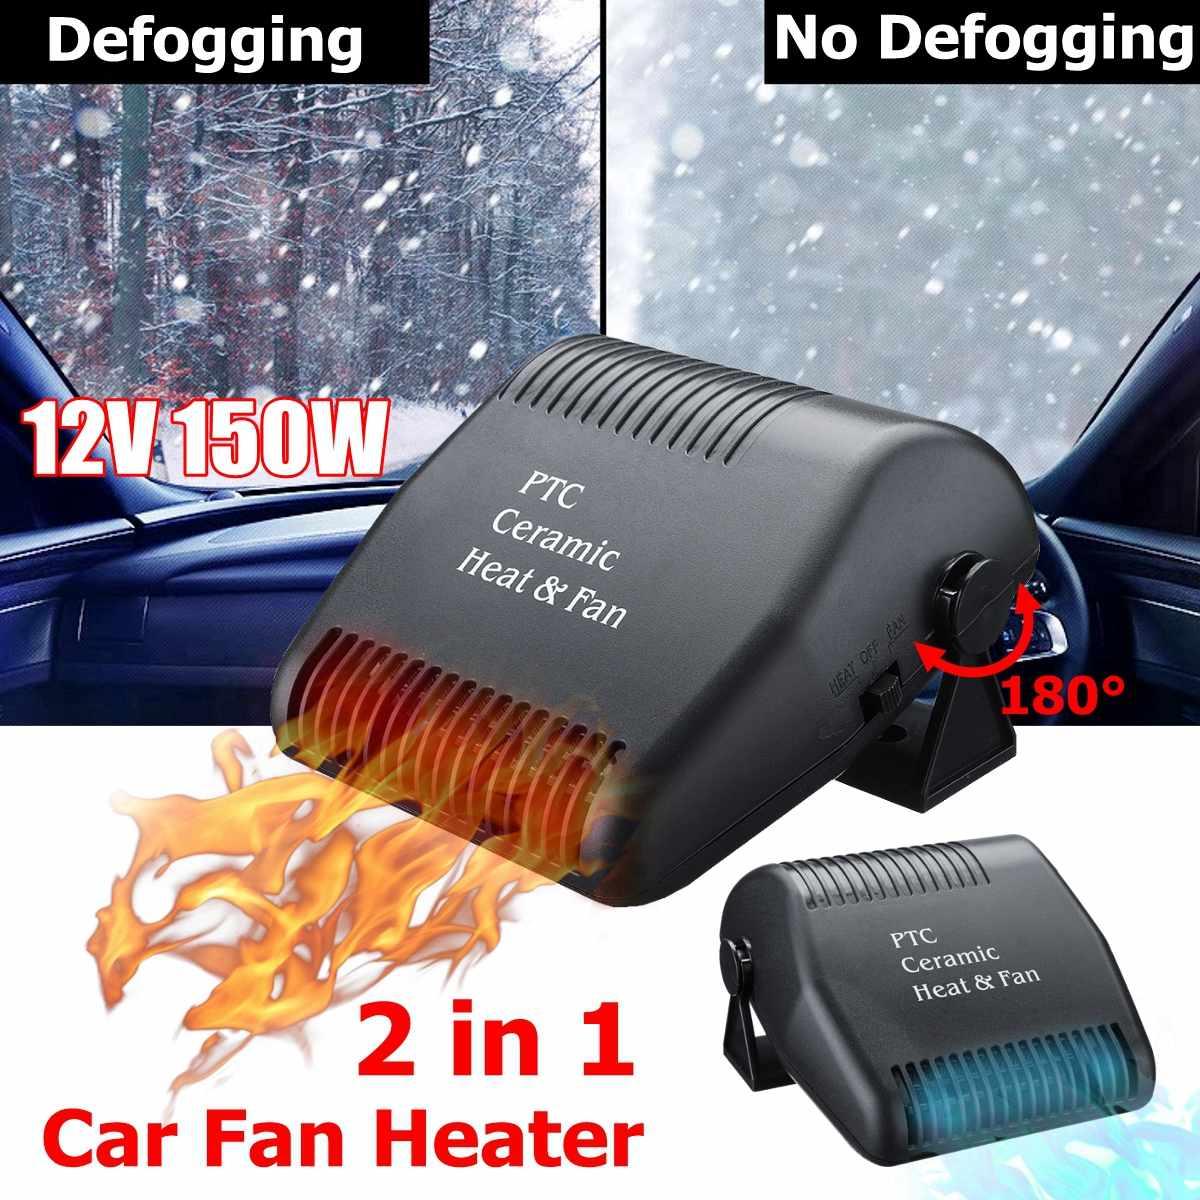 12В 350 Вт автомобильный обогреватель автомобильный размораживатель зимний авто электрическая плита вентилятор Отопление воздушное охлаждение интегрированный размораживание